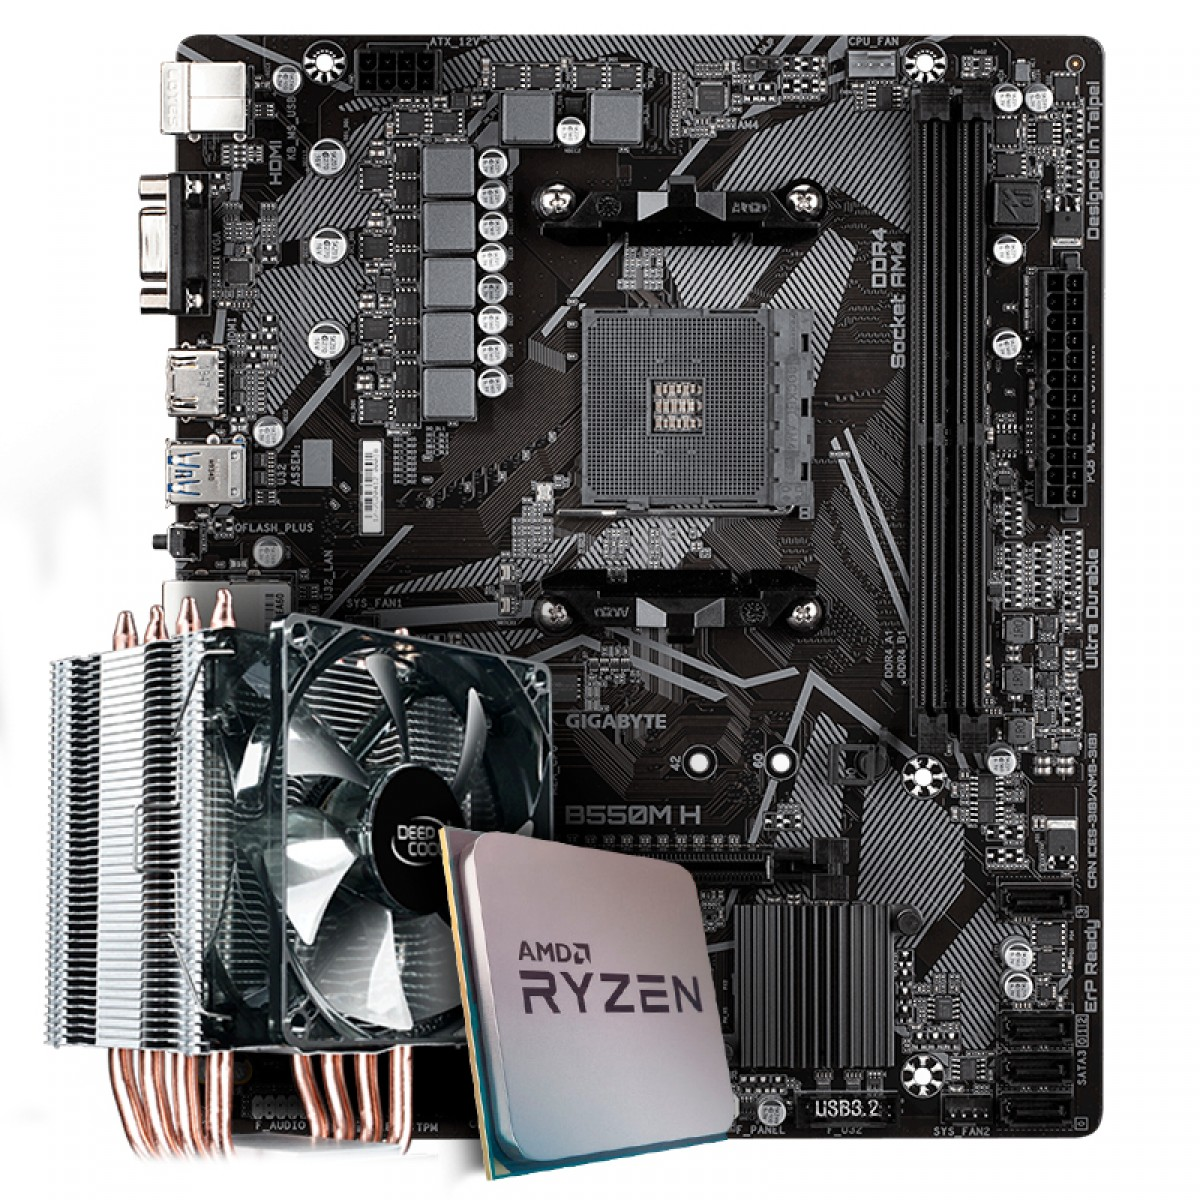 Kit Upgrade Placa Mãe Gigabyte B550M H AMD AM4 + Processador AMD Ryzen 7 3800x 3.9GHz + Cooler Deepcool Gammaxx